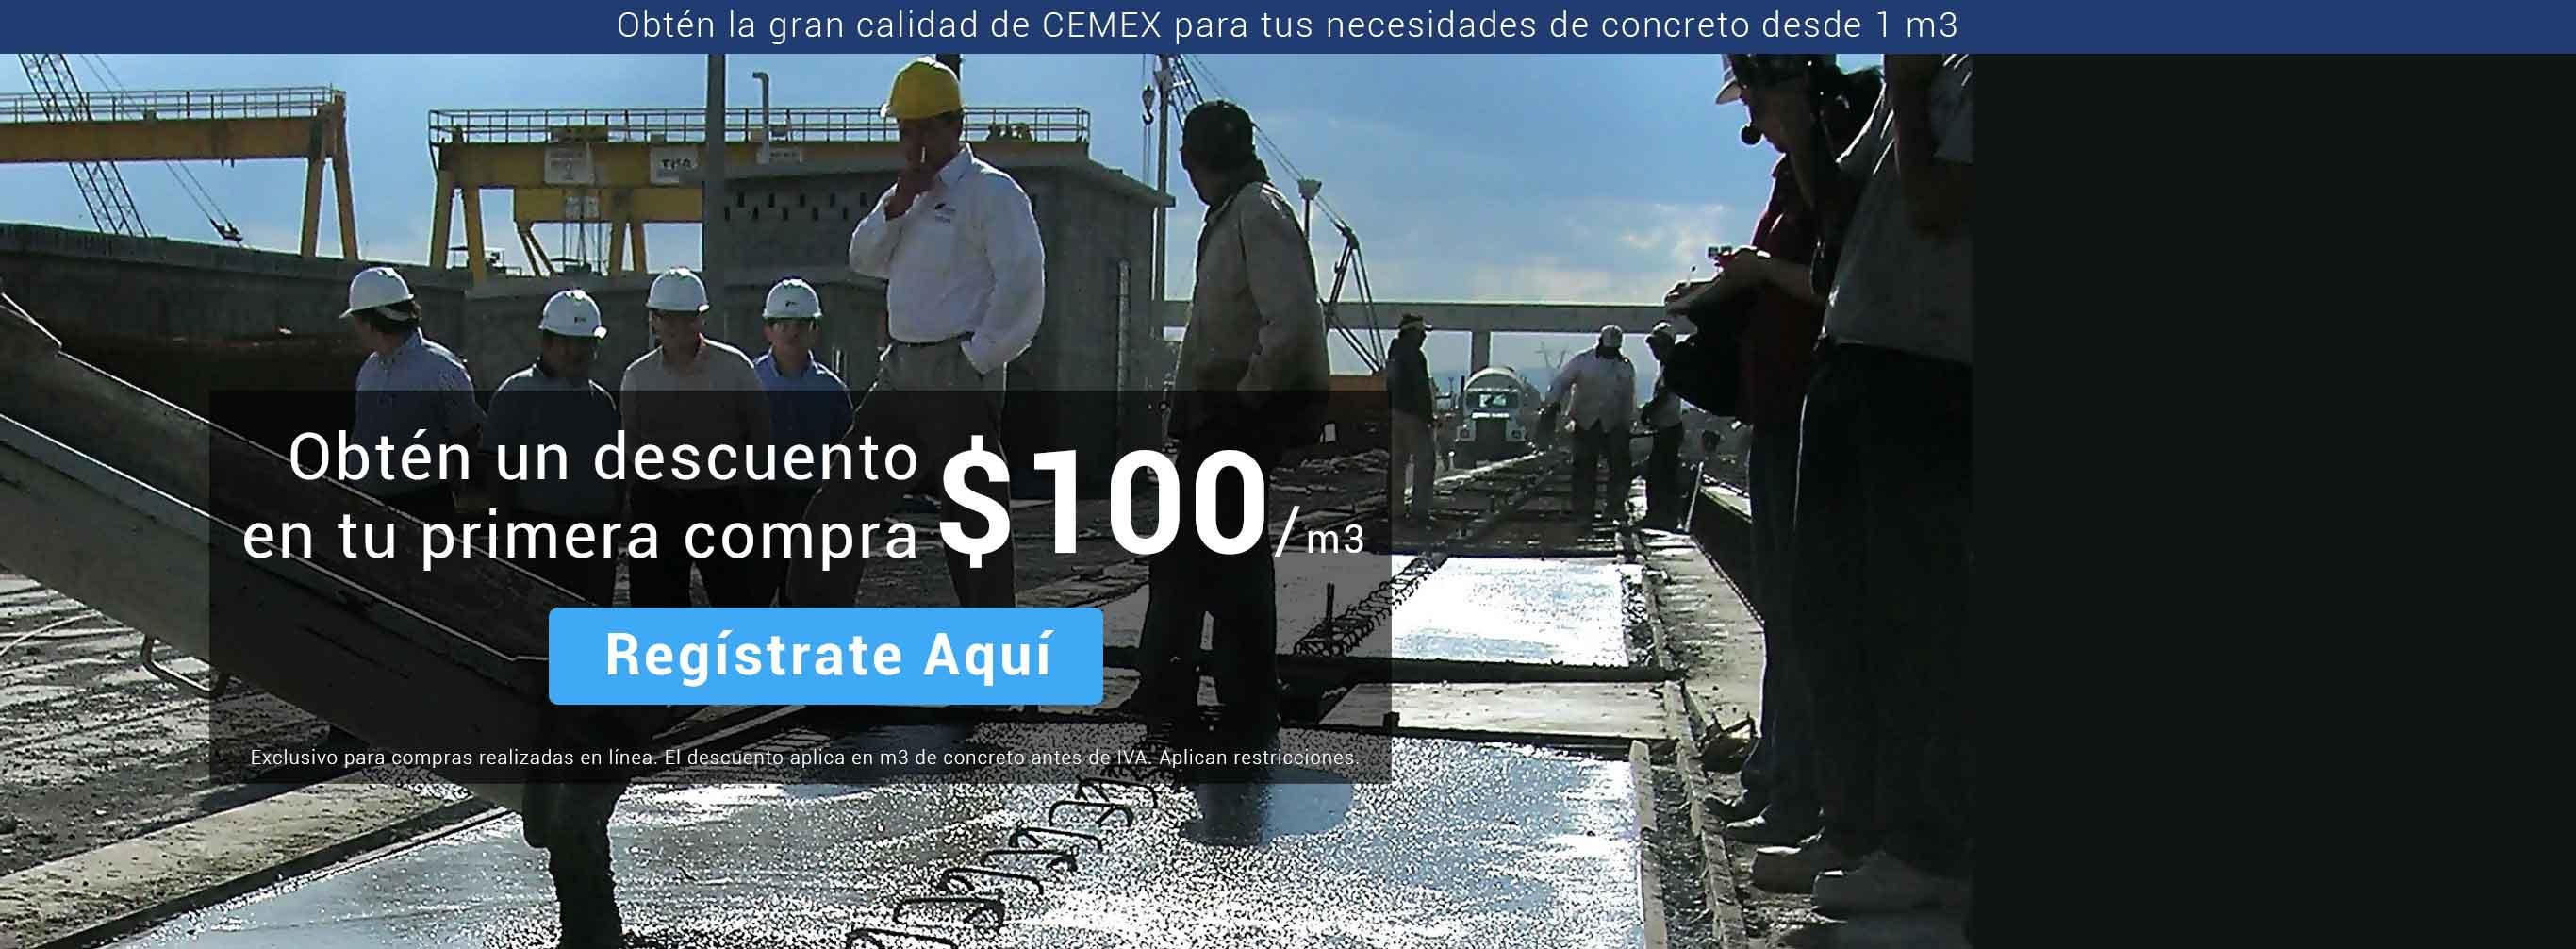 Cemex: $100 de descuento por m3 de concreto premezclado (Puebla, Queretaro, Guadalajara y León.)